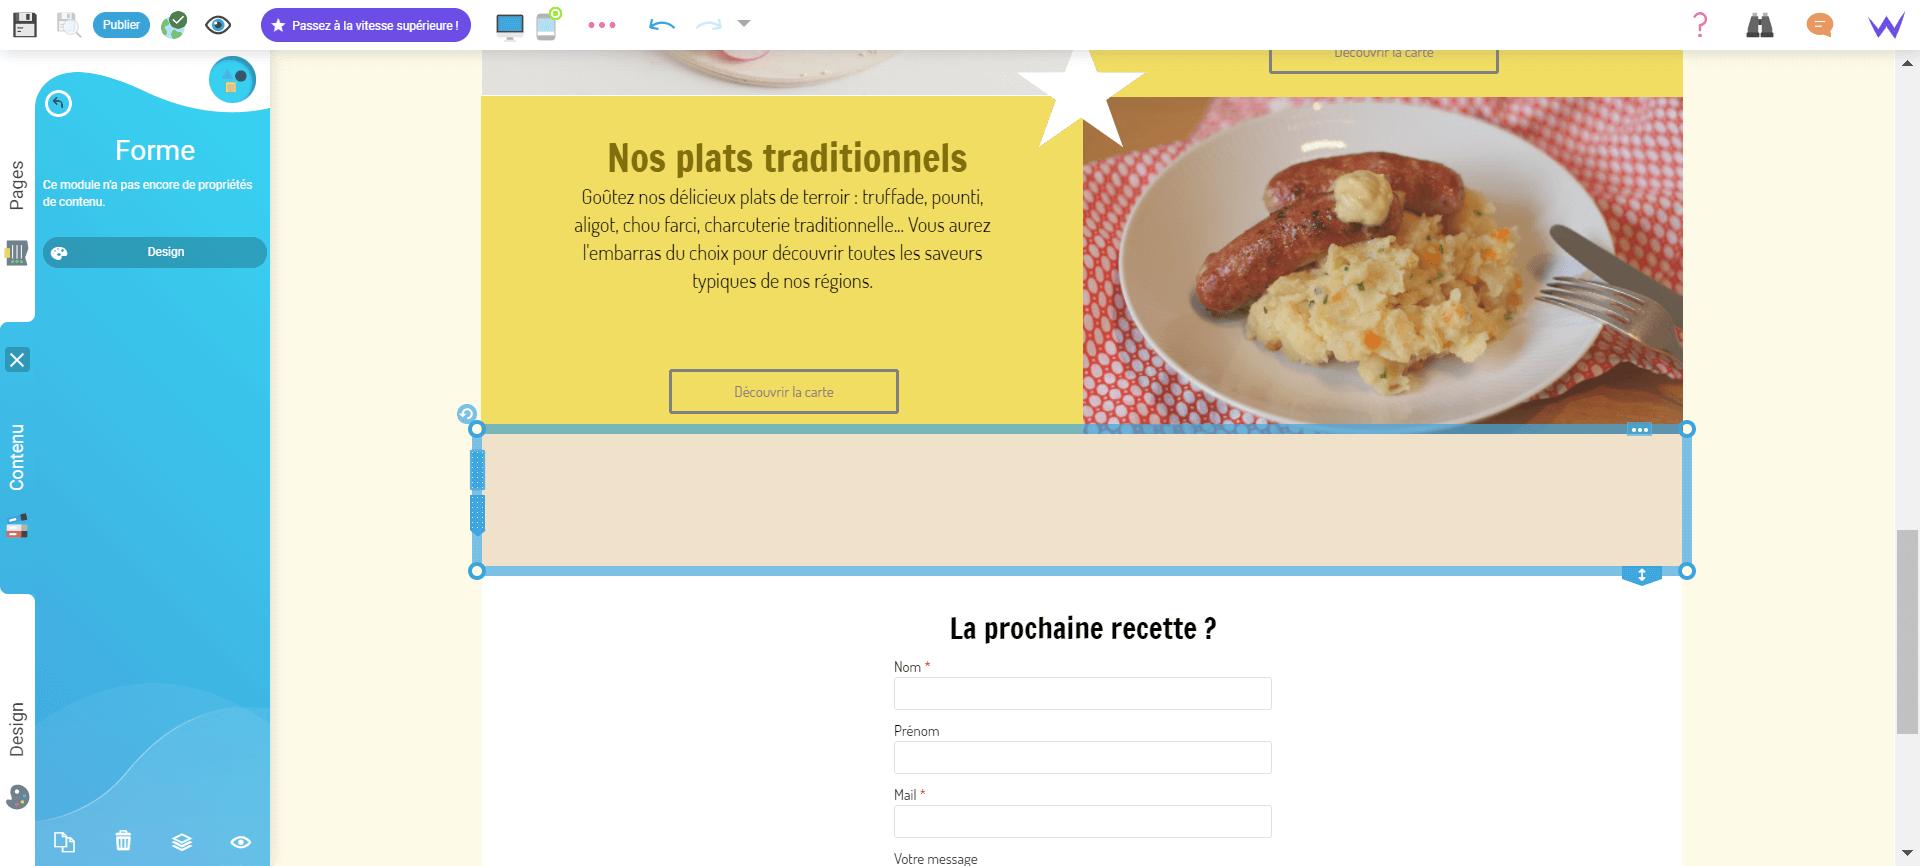 cuisine13.jpg